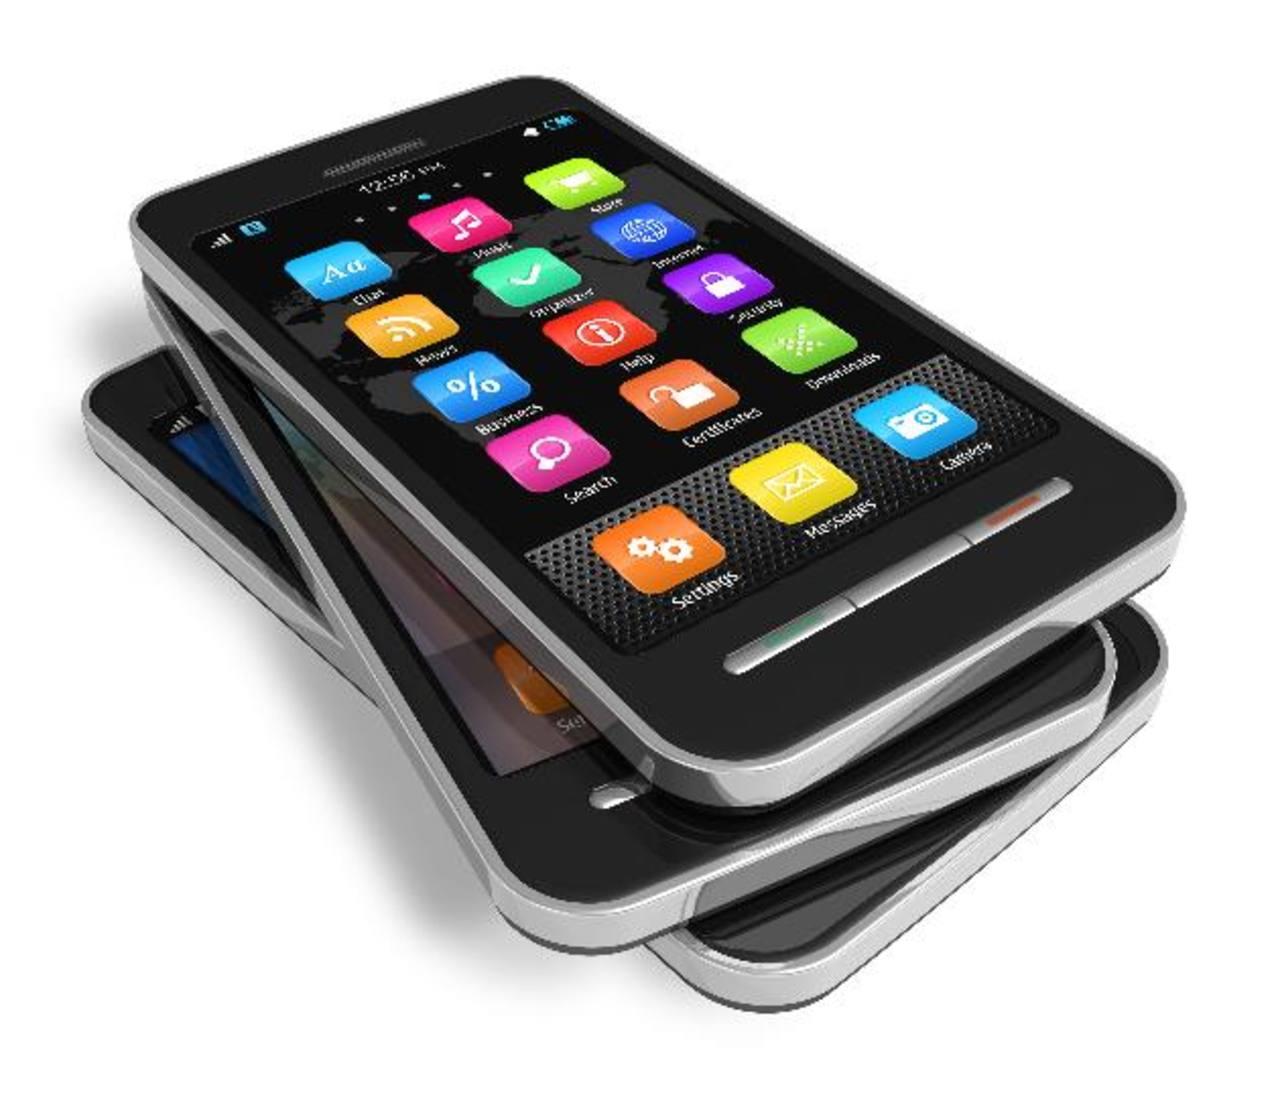 Las ventas de teléfonos avanzados adelantaron el año pasado por primera vez a las de los teléfonos básicos, que realizan funciones de llamadas, mensajes de texto y tienen un reducido acceso a internet.